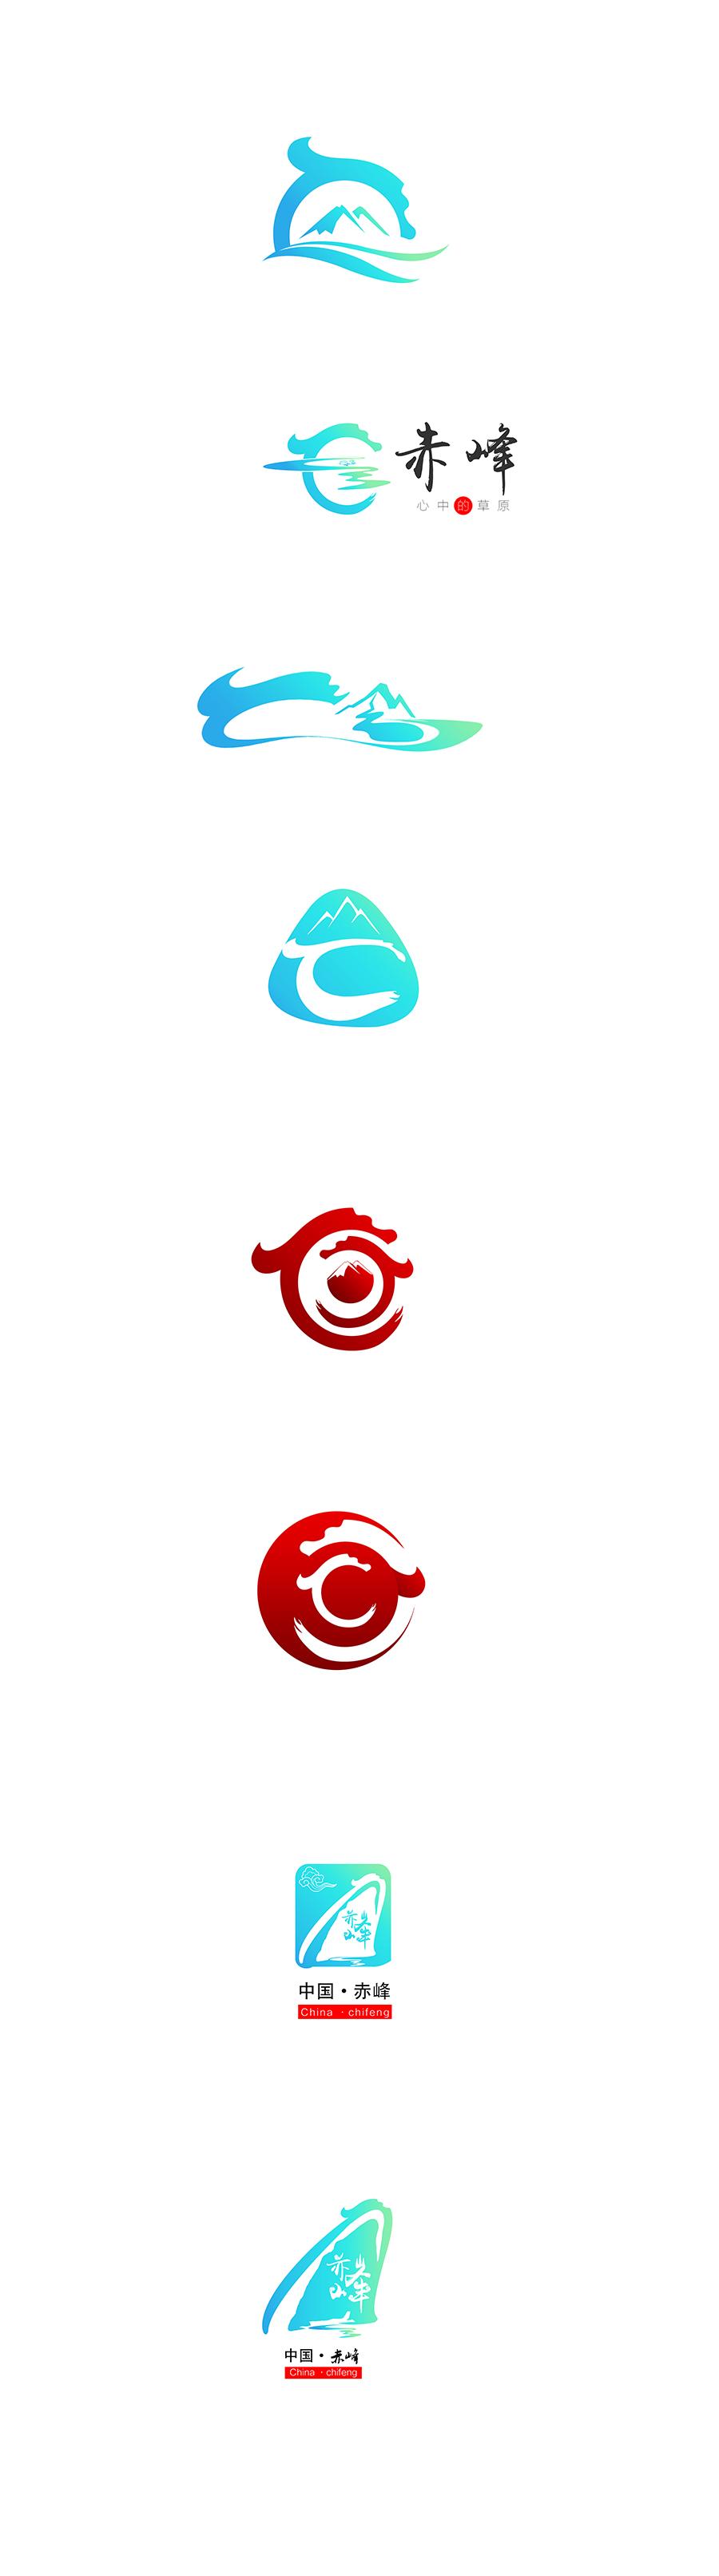 一组logo设计图片